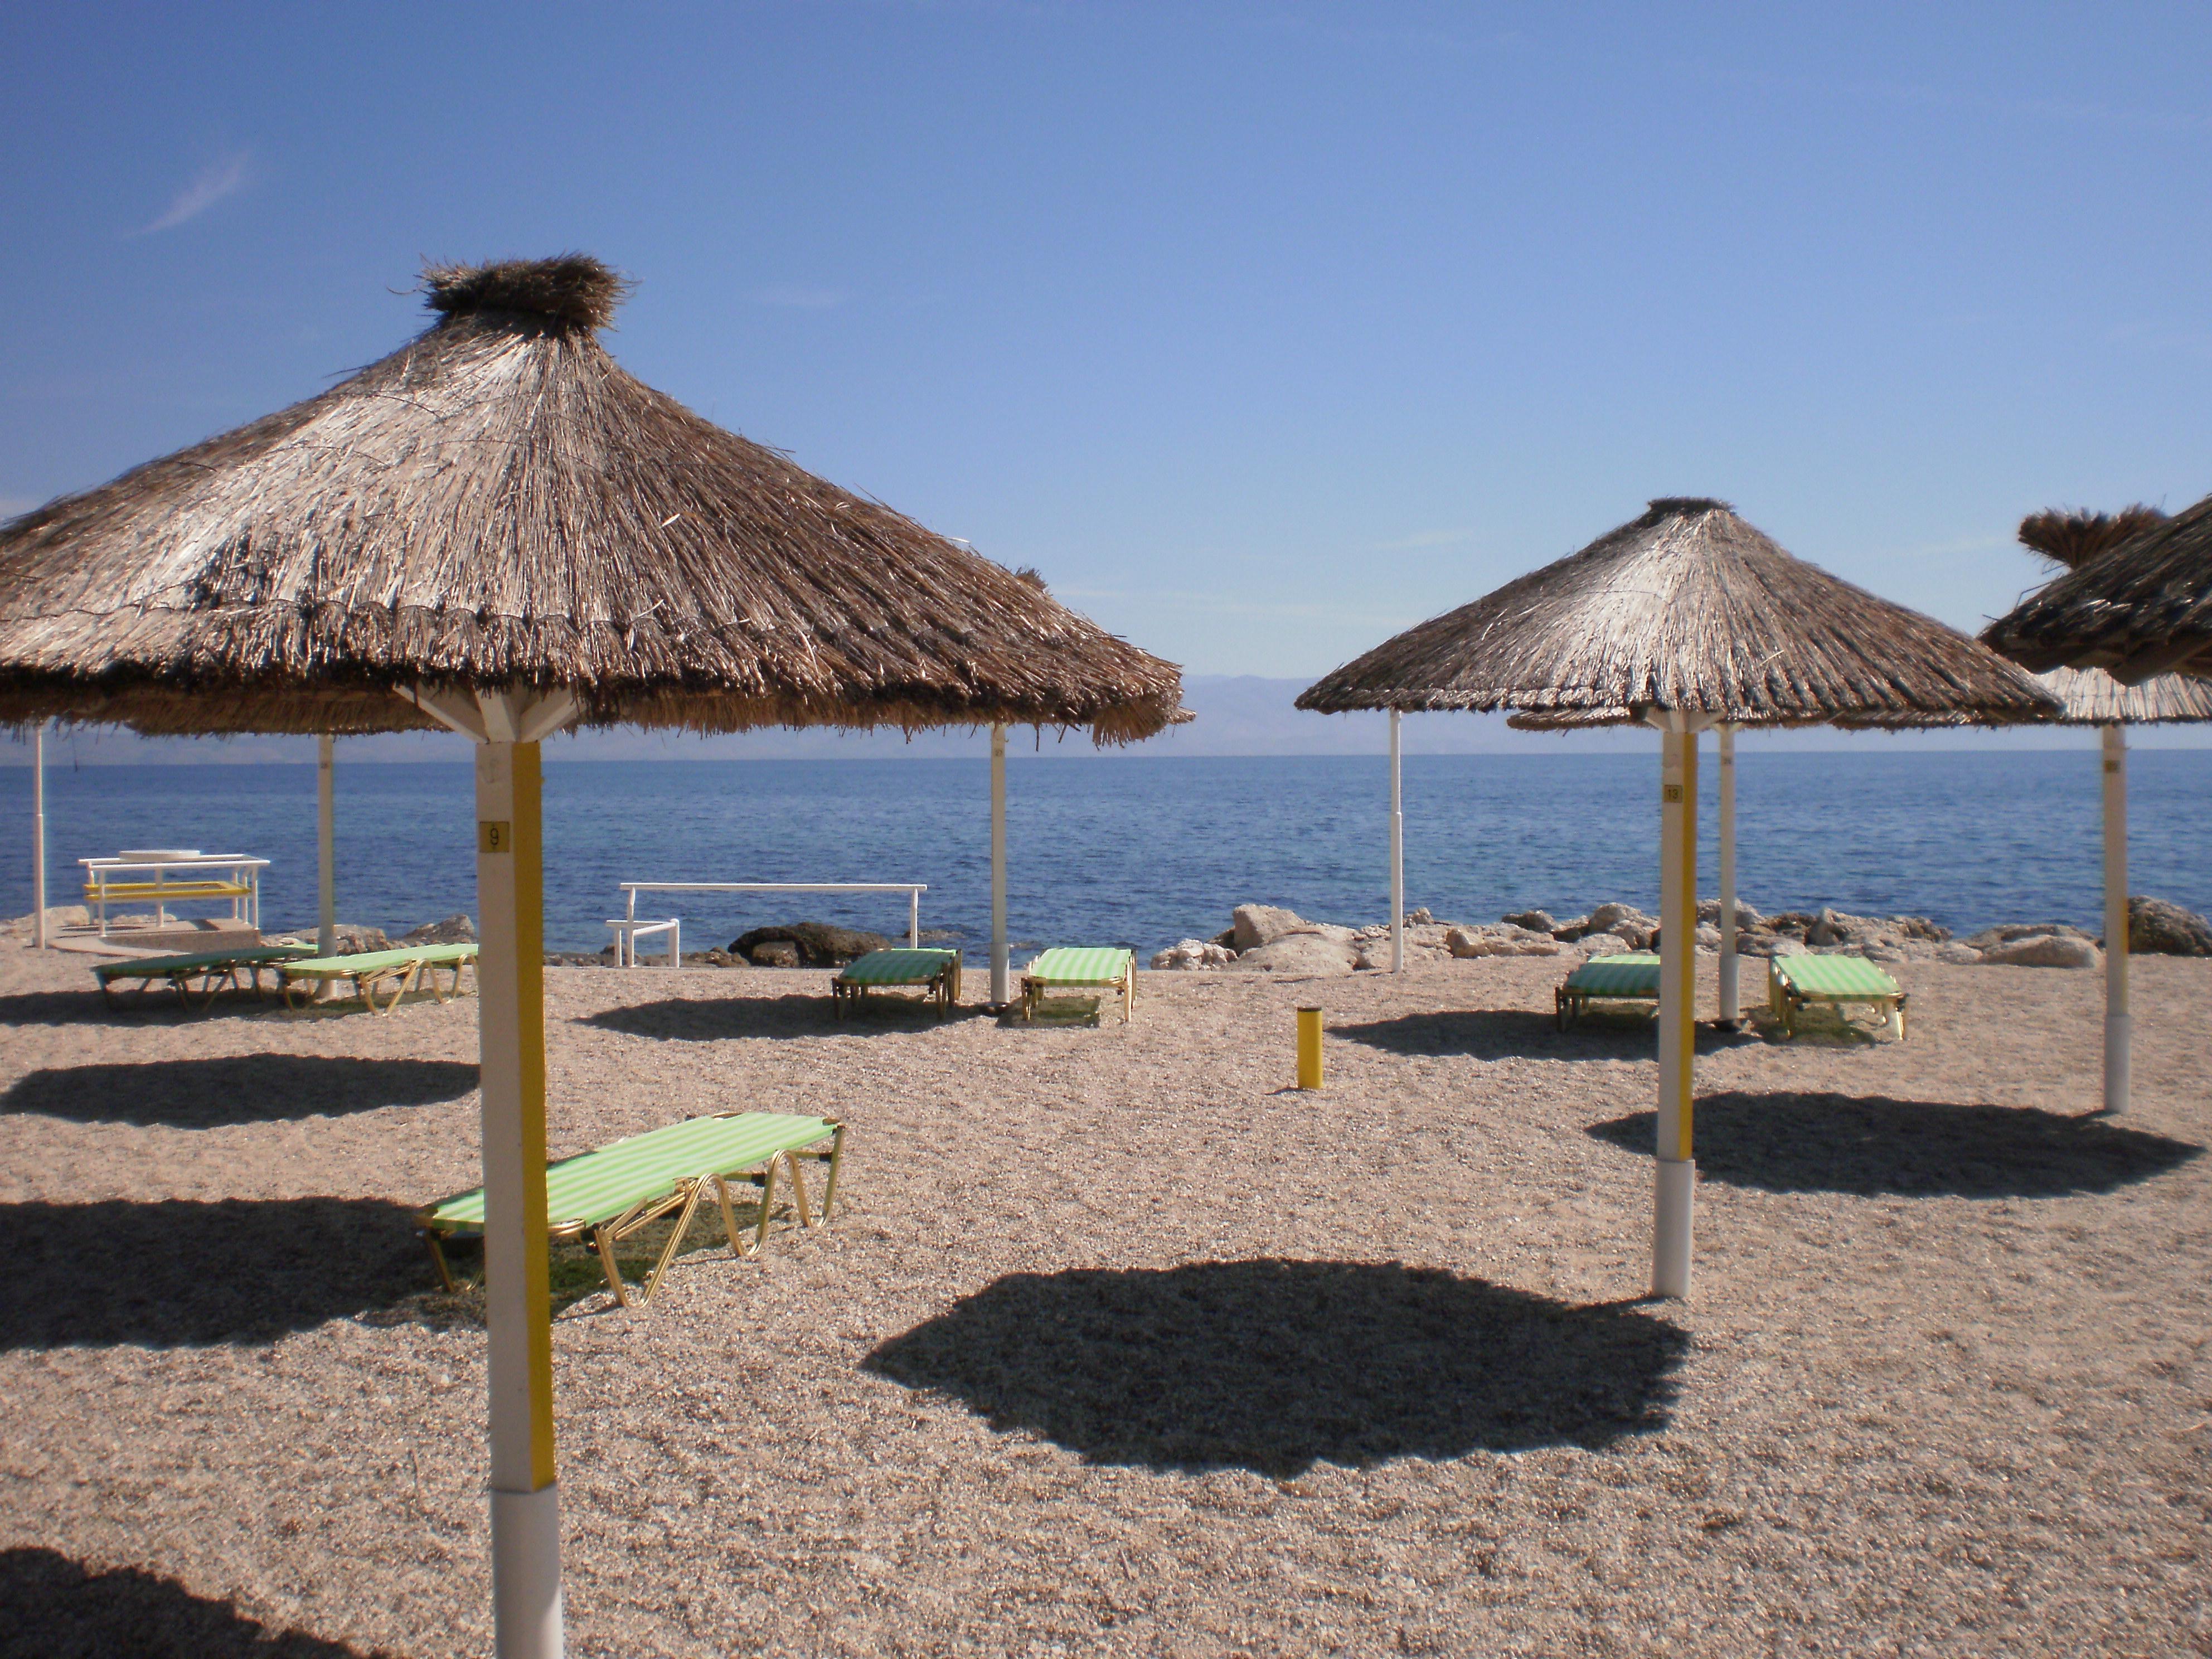 Appartement de vacances entspannte Ferien ein paar Schritte vom Meer entfernt (2187693), Moraitika, Corfou, Iles Ioniennes, Grèce, image 7